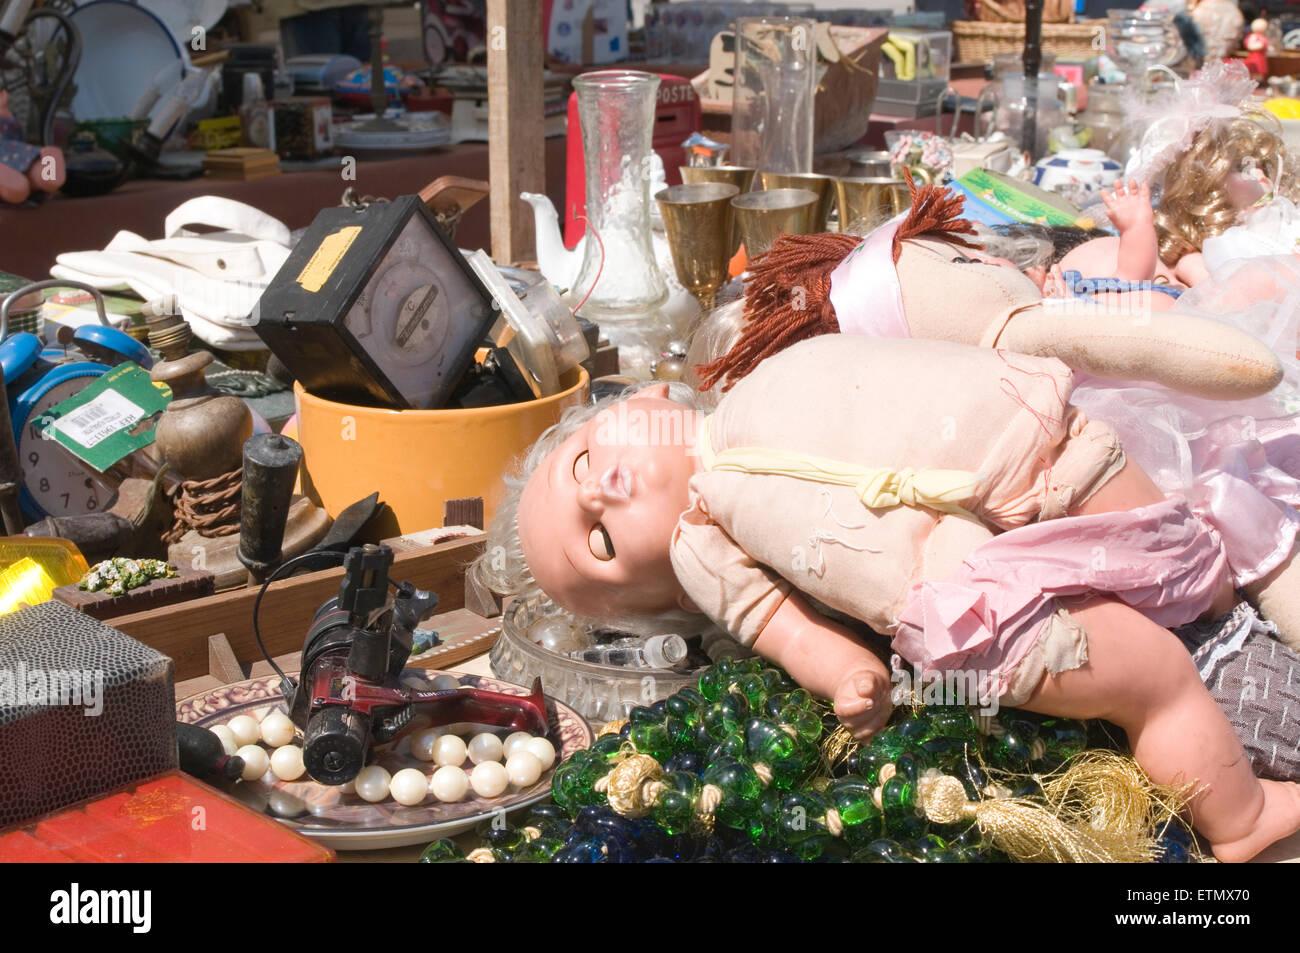 Vendita jumblesale vendite accozzaglia junk table top mercato delle pulci junk yard yardsale auto mercato carboot Immagini Stock